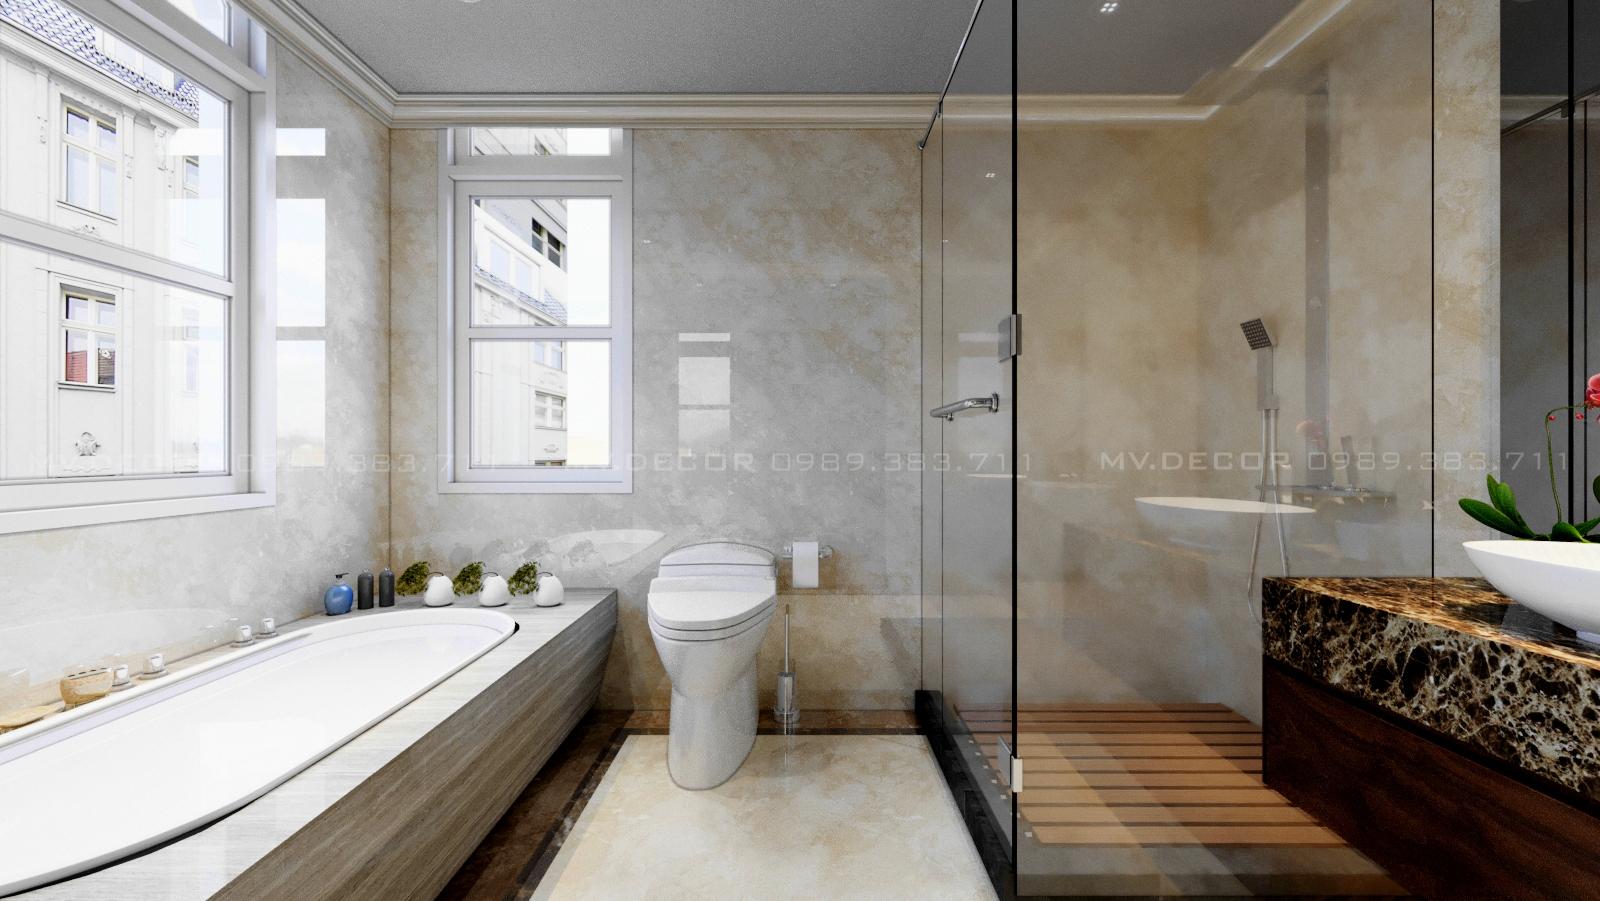 thiết kế nội thất Biệt Thự tại Hải Phòng BT VINHOME HẢI PHÒNG 19 1562719452